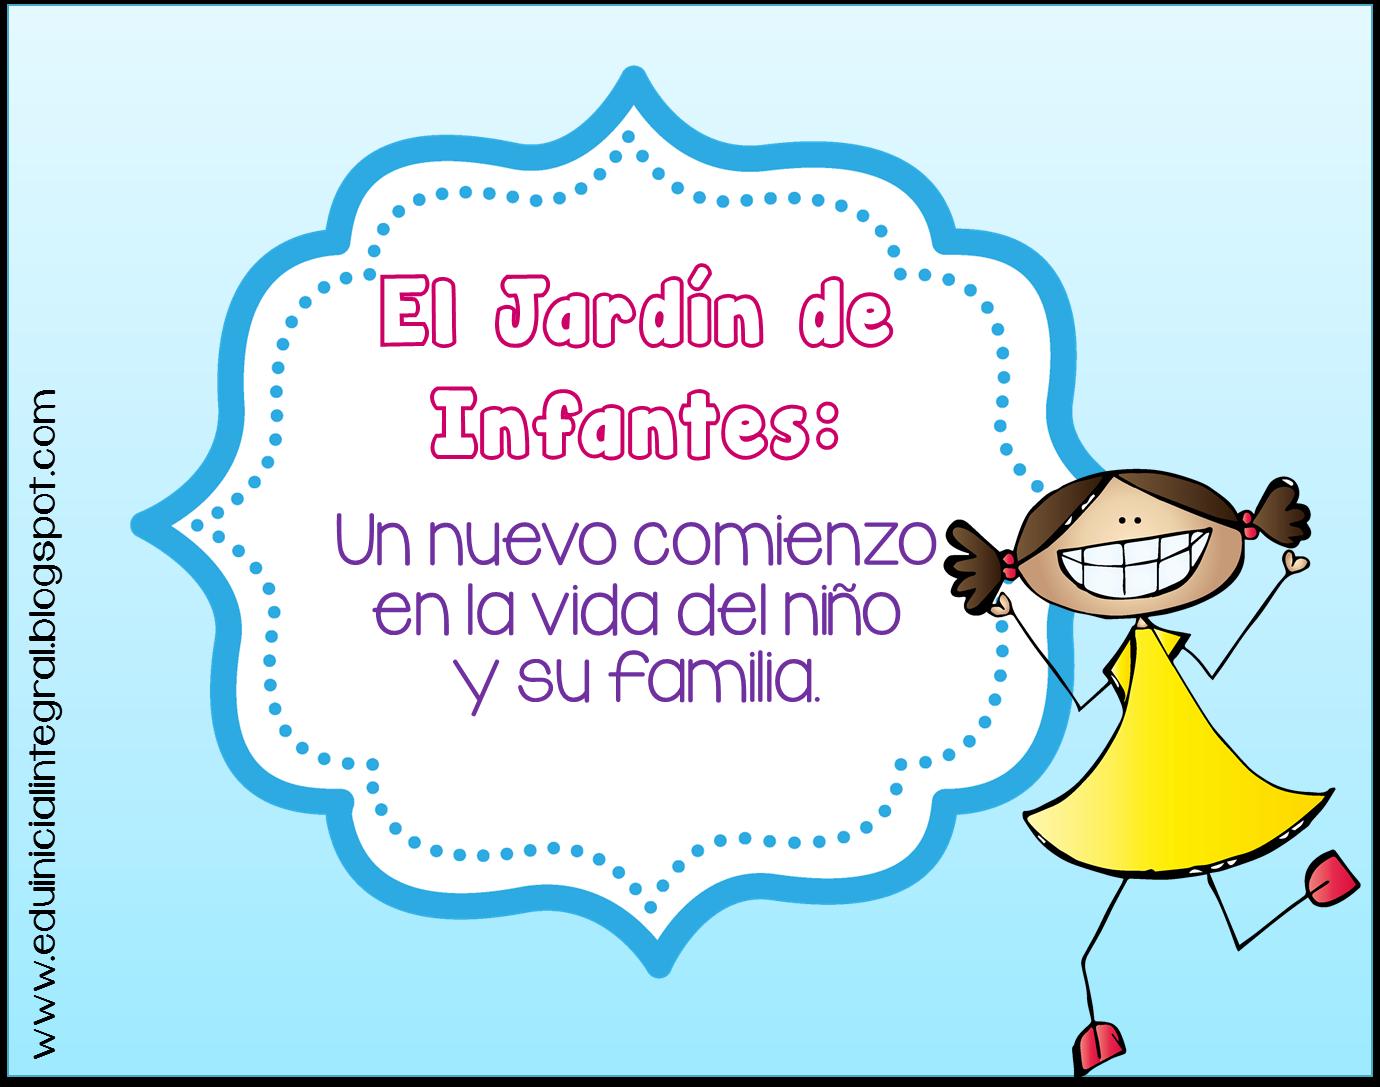 Educaci n inicial para todos el jard n de infantes un for Leccion jardin infantes 2016